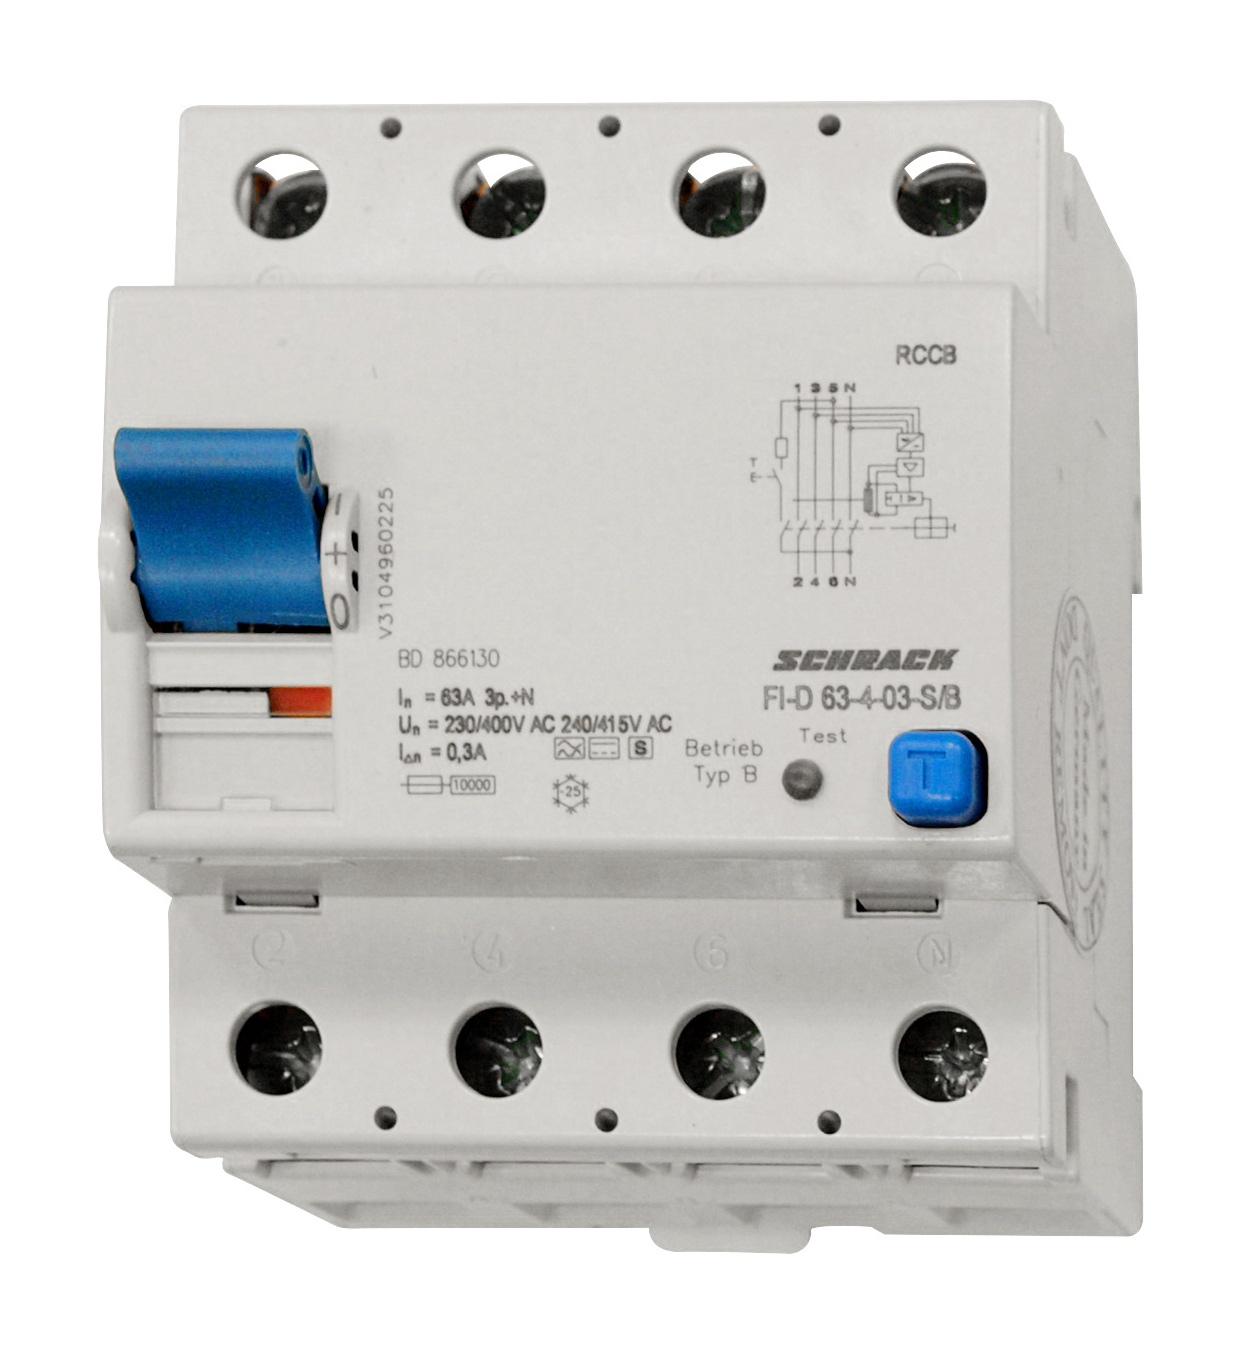 BD866130 - Schrack Technik